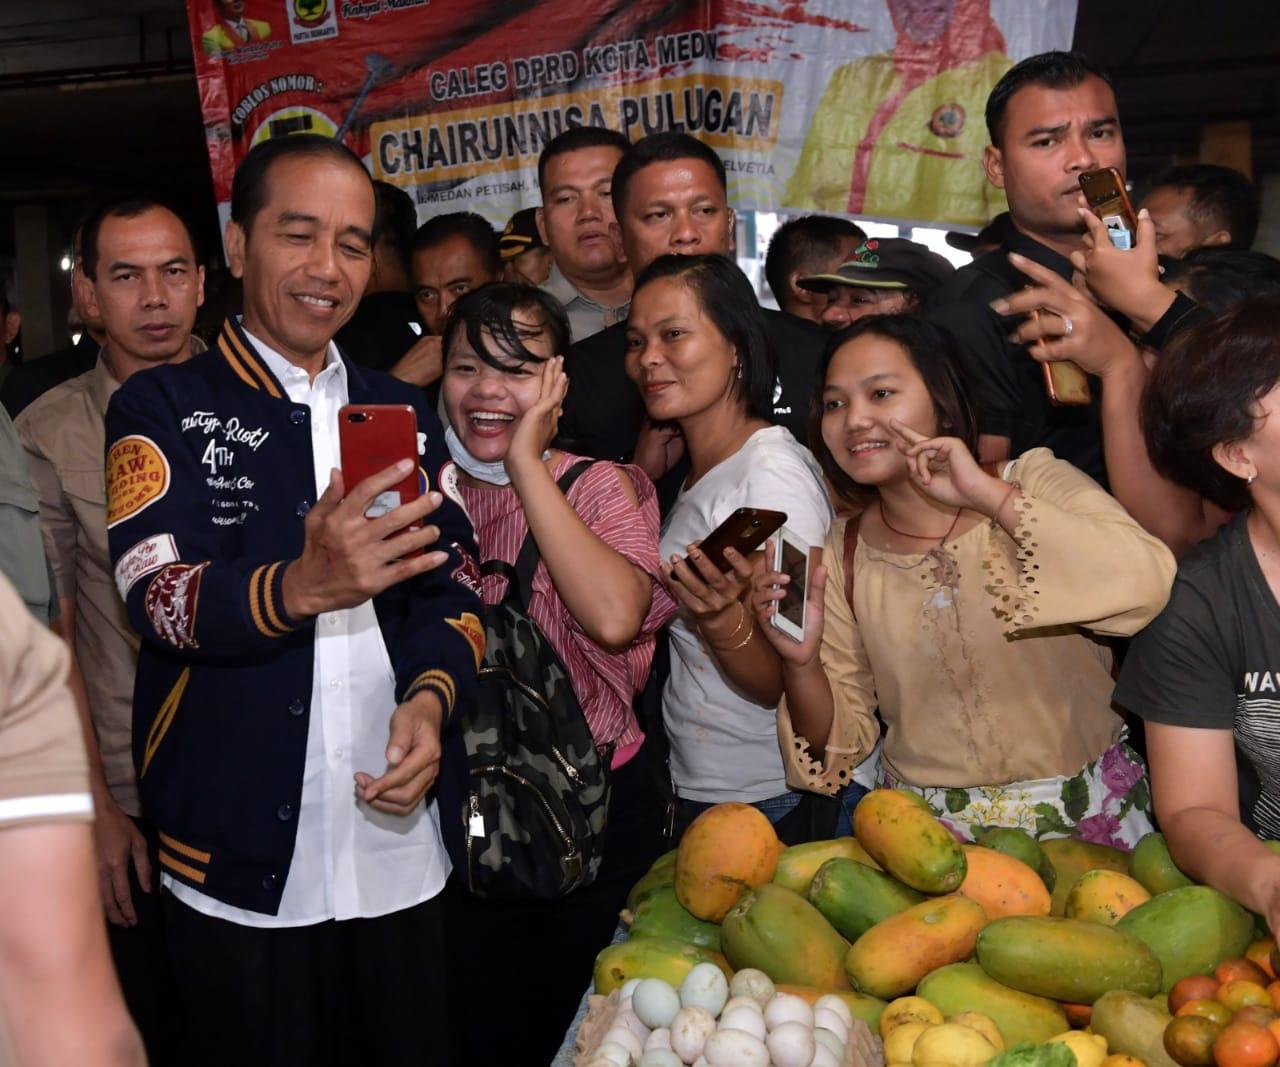 Presiden Blusukan Belanja Ikan Teri ke Pasar Petisah Medan - Metro Rakyat  News c89d2301c0